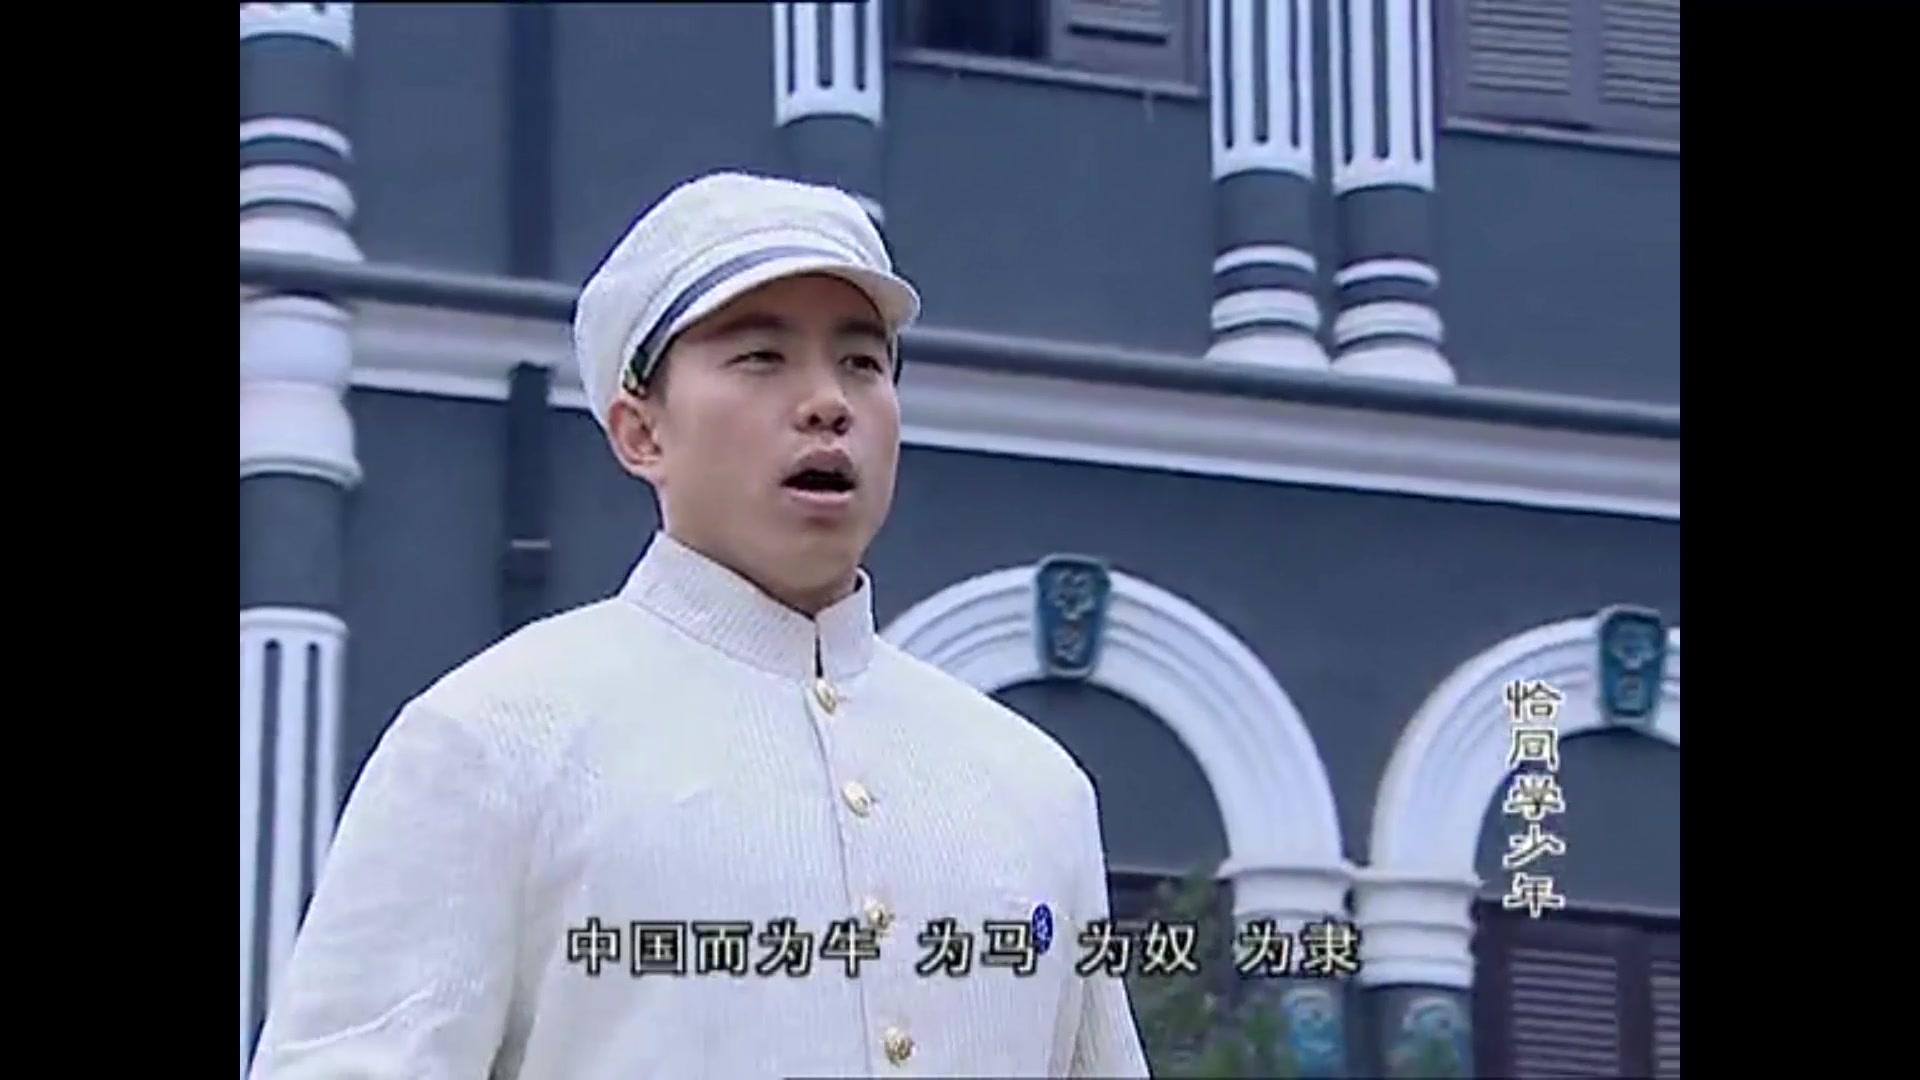 【恰同学少年】少年中国说.mp4